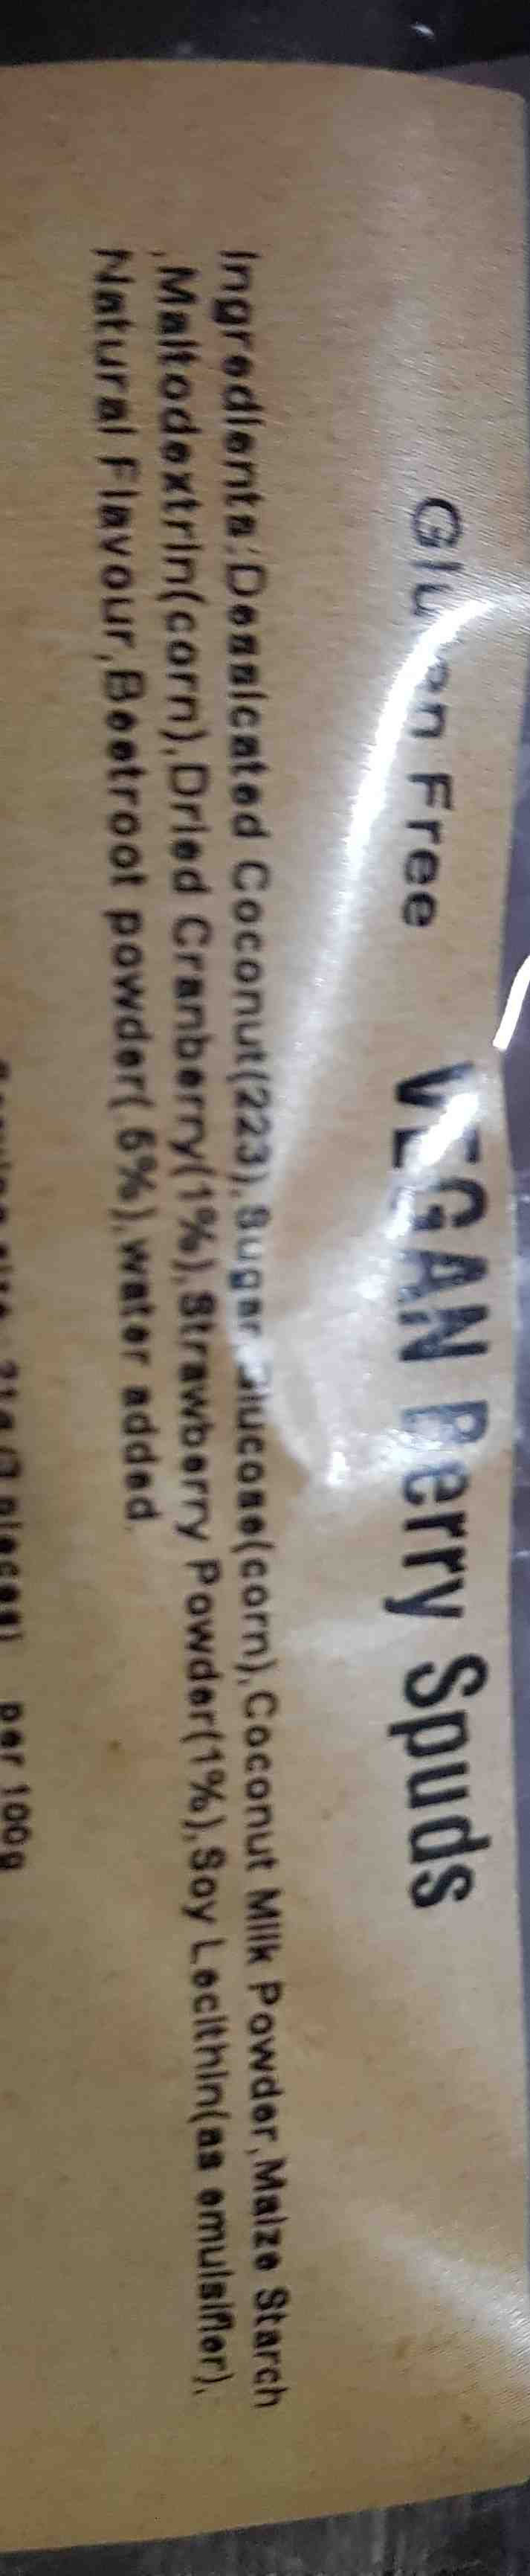 vegan coconut spuds Australia - Ingredients